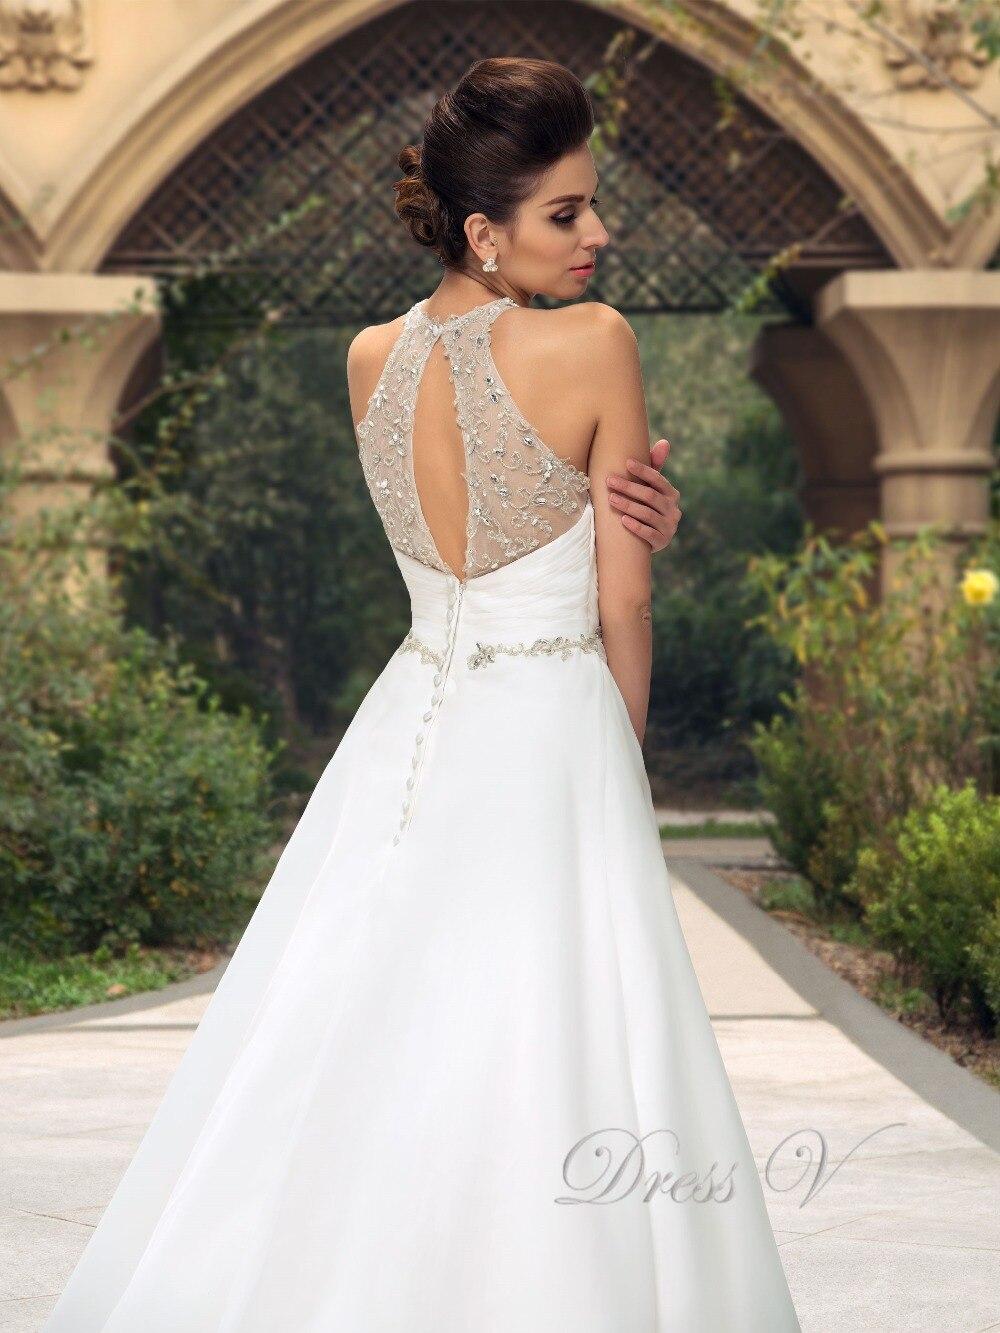 Charmant Halfter Brautkleider Strand Ideen - Hochzeit Kleid Stile ...